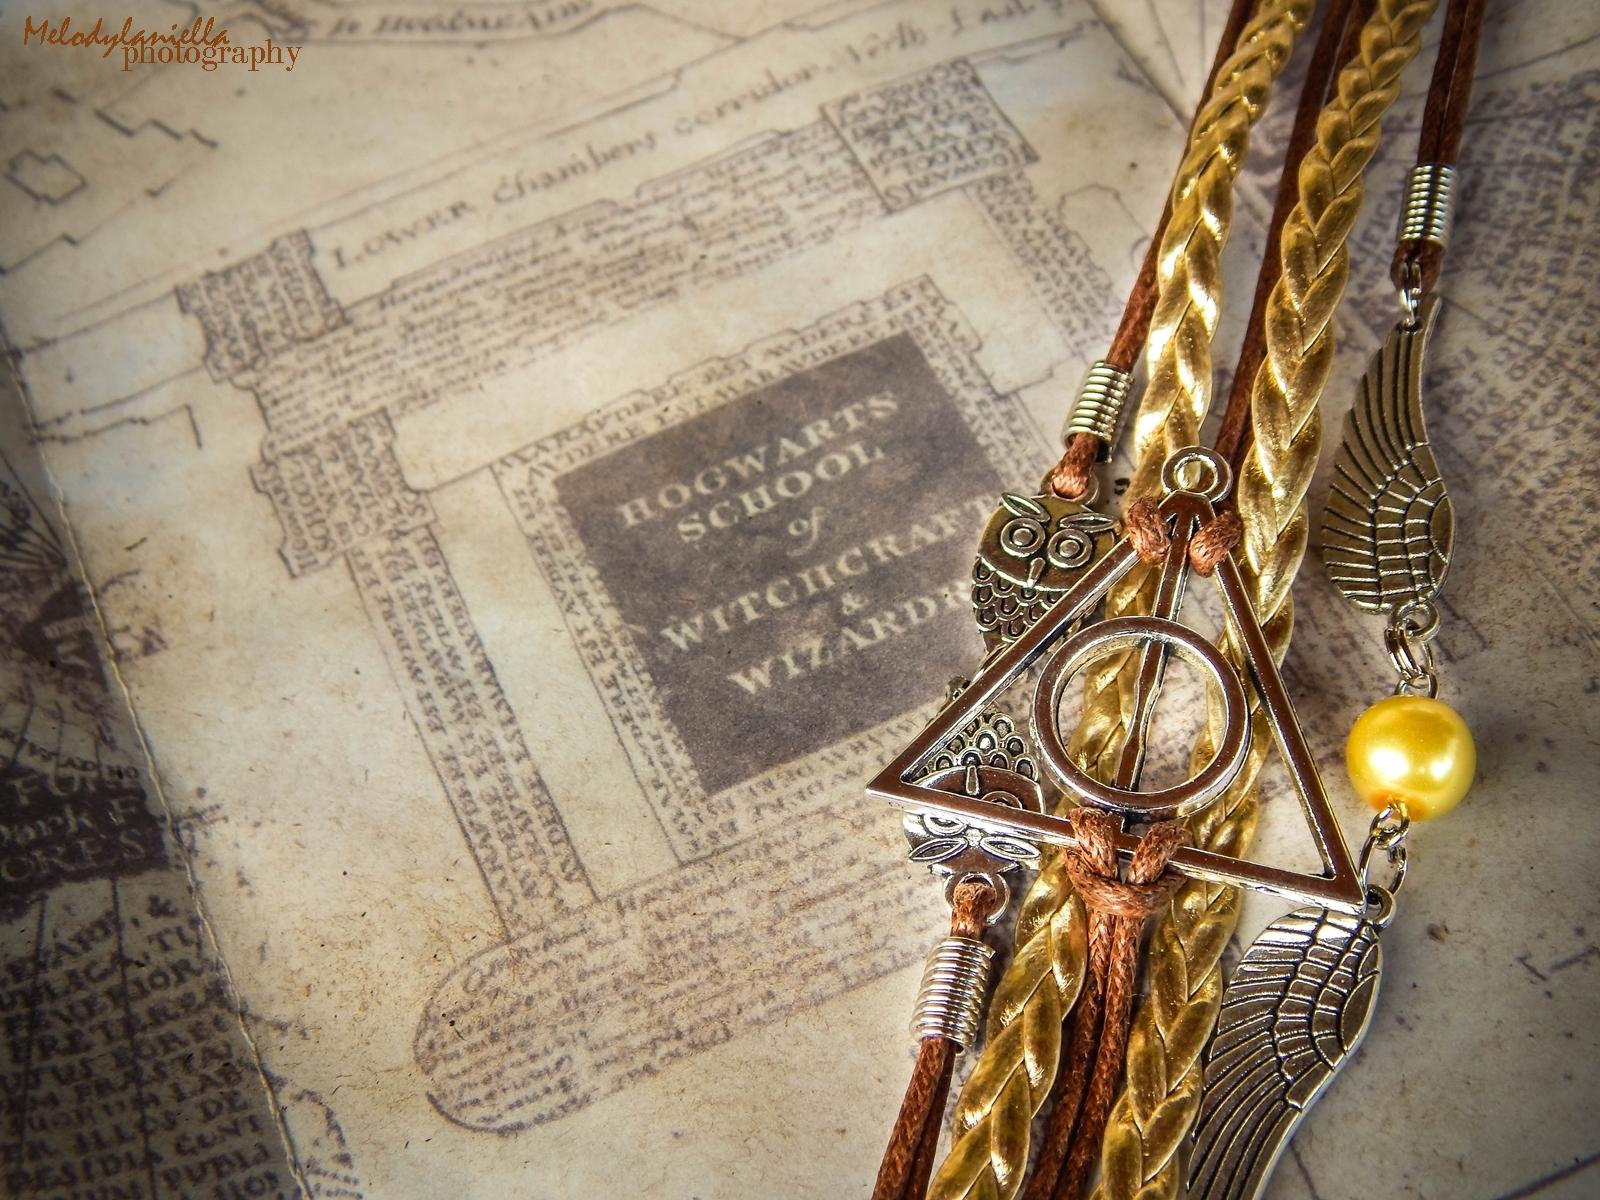 harry potter różdżka zmieniacz czasu mapa huncwotów ksiązki mugole prezenty bizuteria złoty znicz pióro sowa mapa dla fanów prezent złoto bransoletka złoty znicz sowy insygnia śmierci znaczek